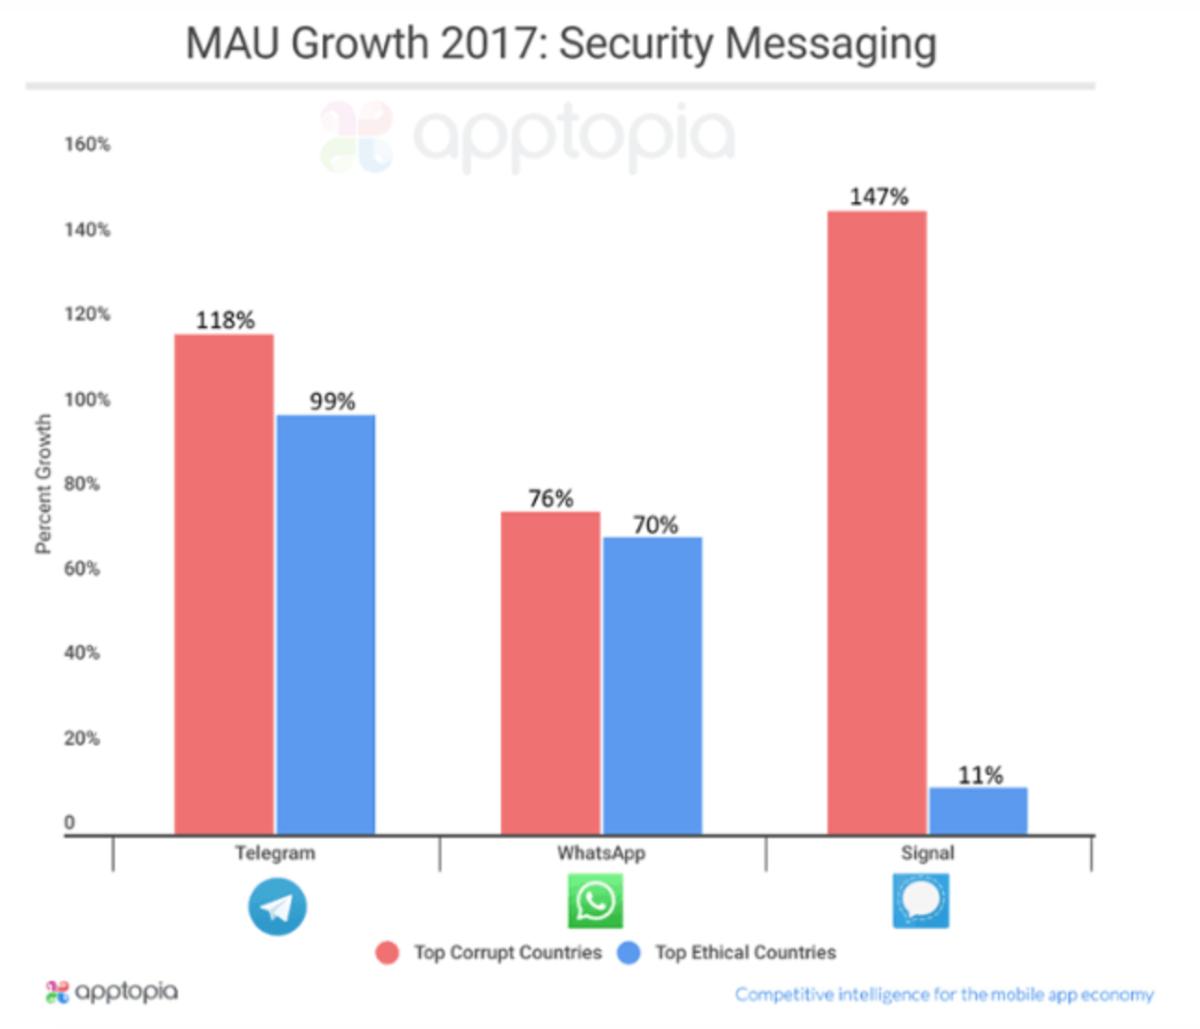 Telegram vs Whatsapp vs signal